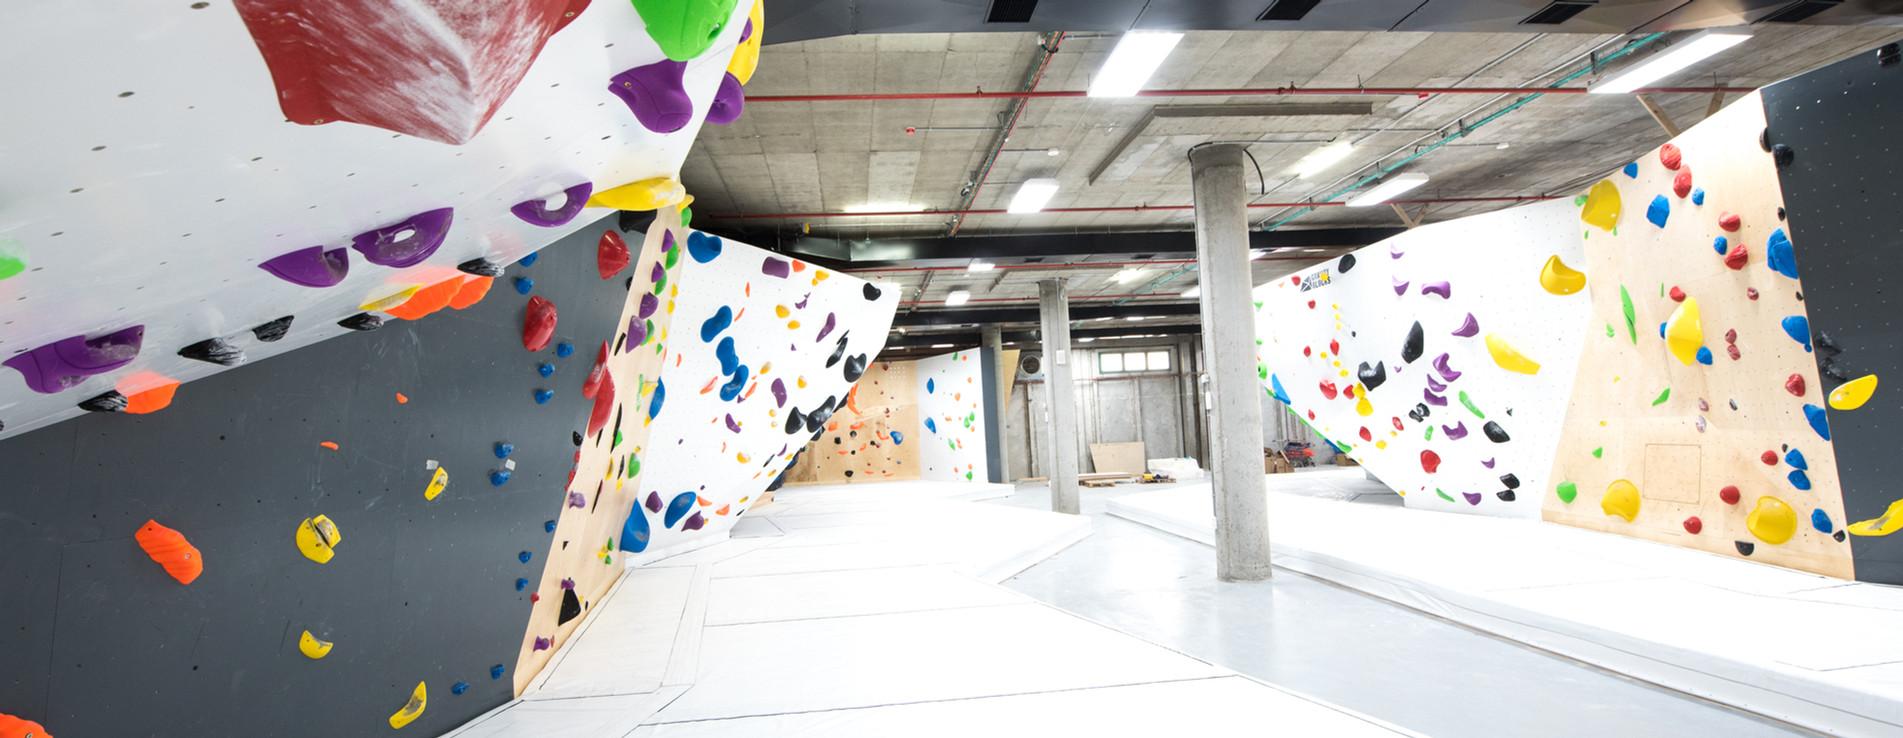 monkeys climbing gym - קיר טיפוס מאנקיז